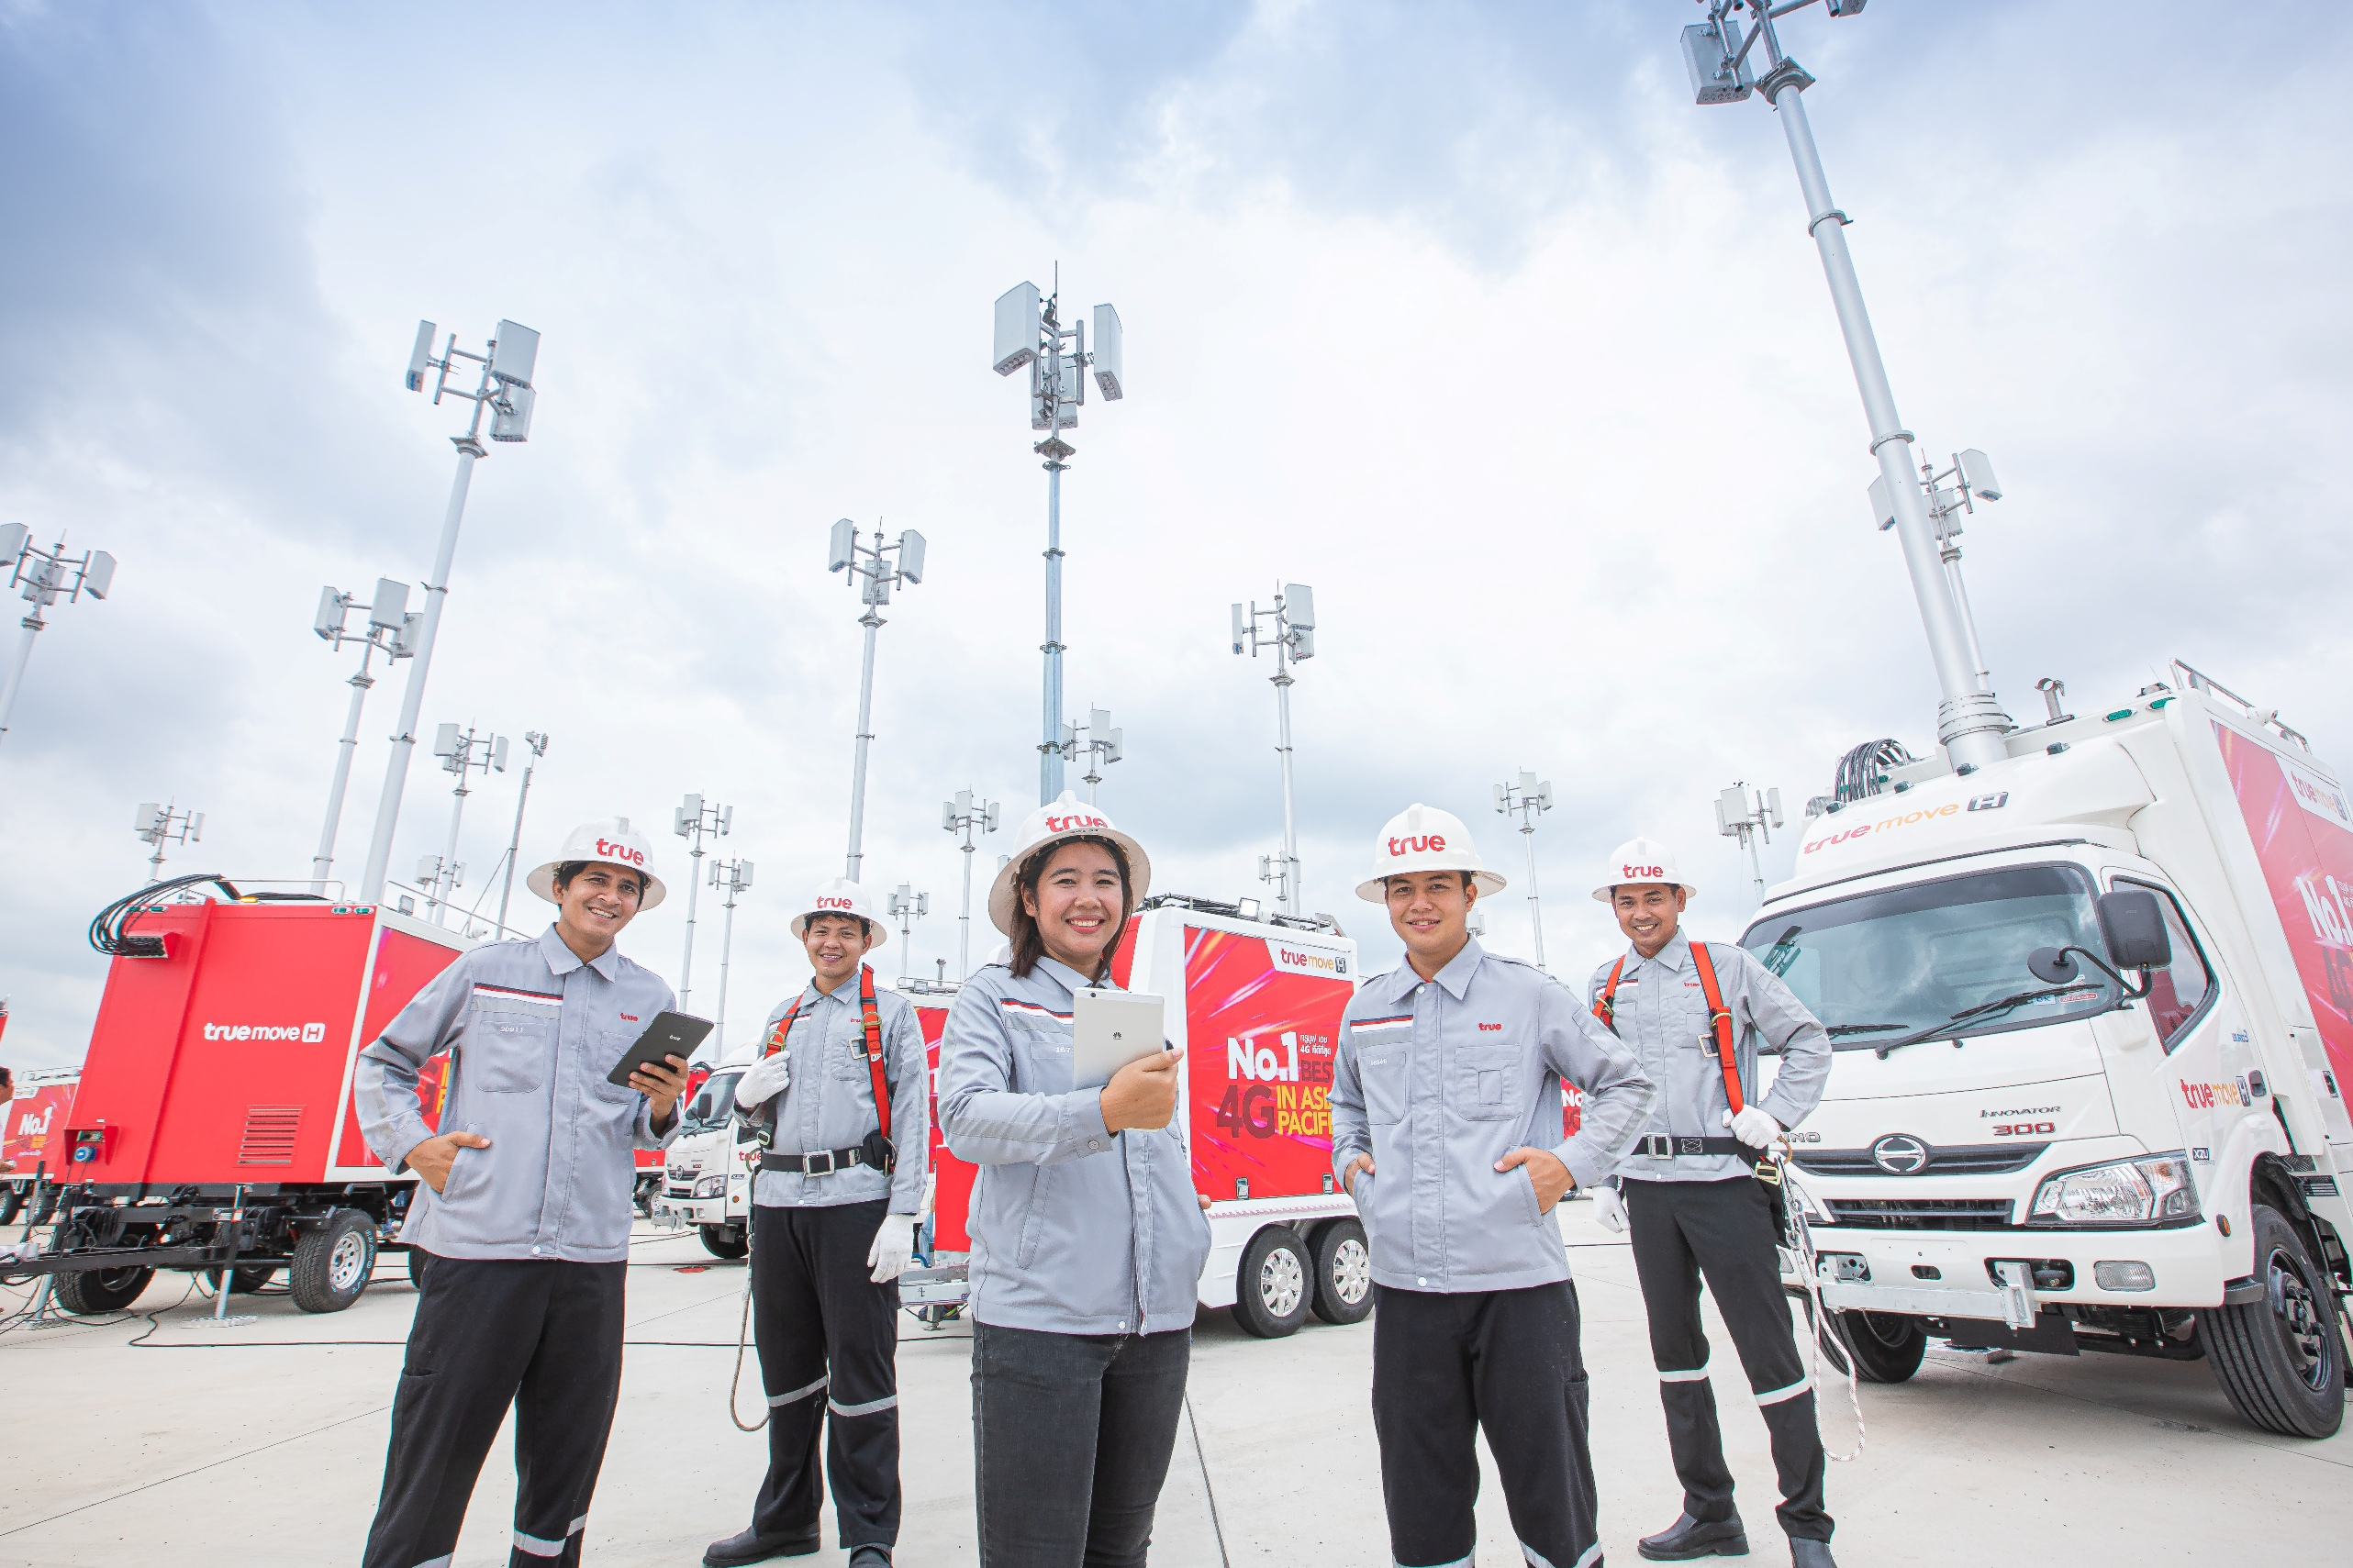 เปิดมุมมองหัวหน้าทีมเน็ตเวิร์คกลุ่มทรูกับการพาทรูมูฟ เอช ครองแชมป์ 5  ปี   เครือข่ายยอดเยี่ยมที่ดีที่สุดในไทย และทรูออนไลน์ เน็ตบ้านยอดเยี่ยมแห่งปี